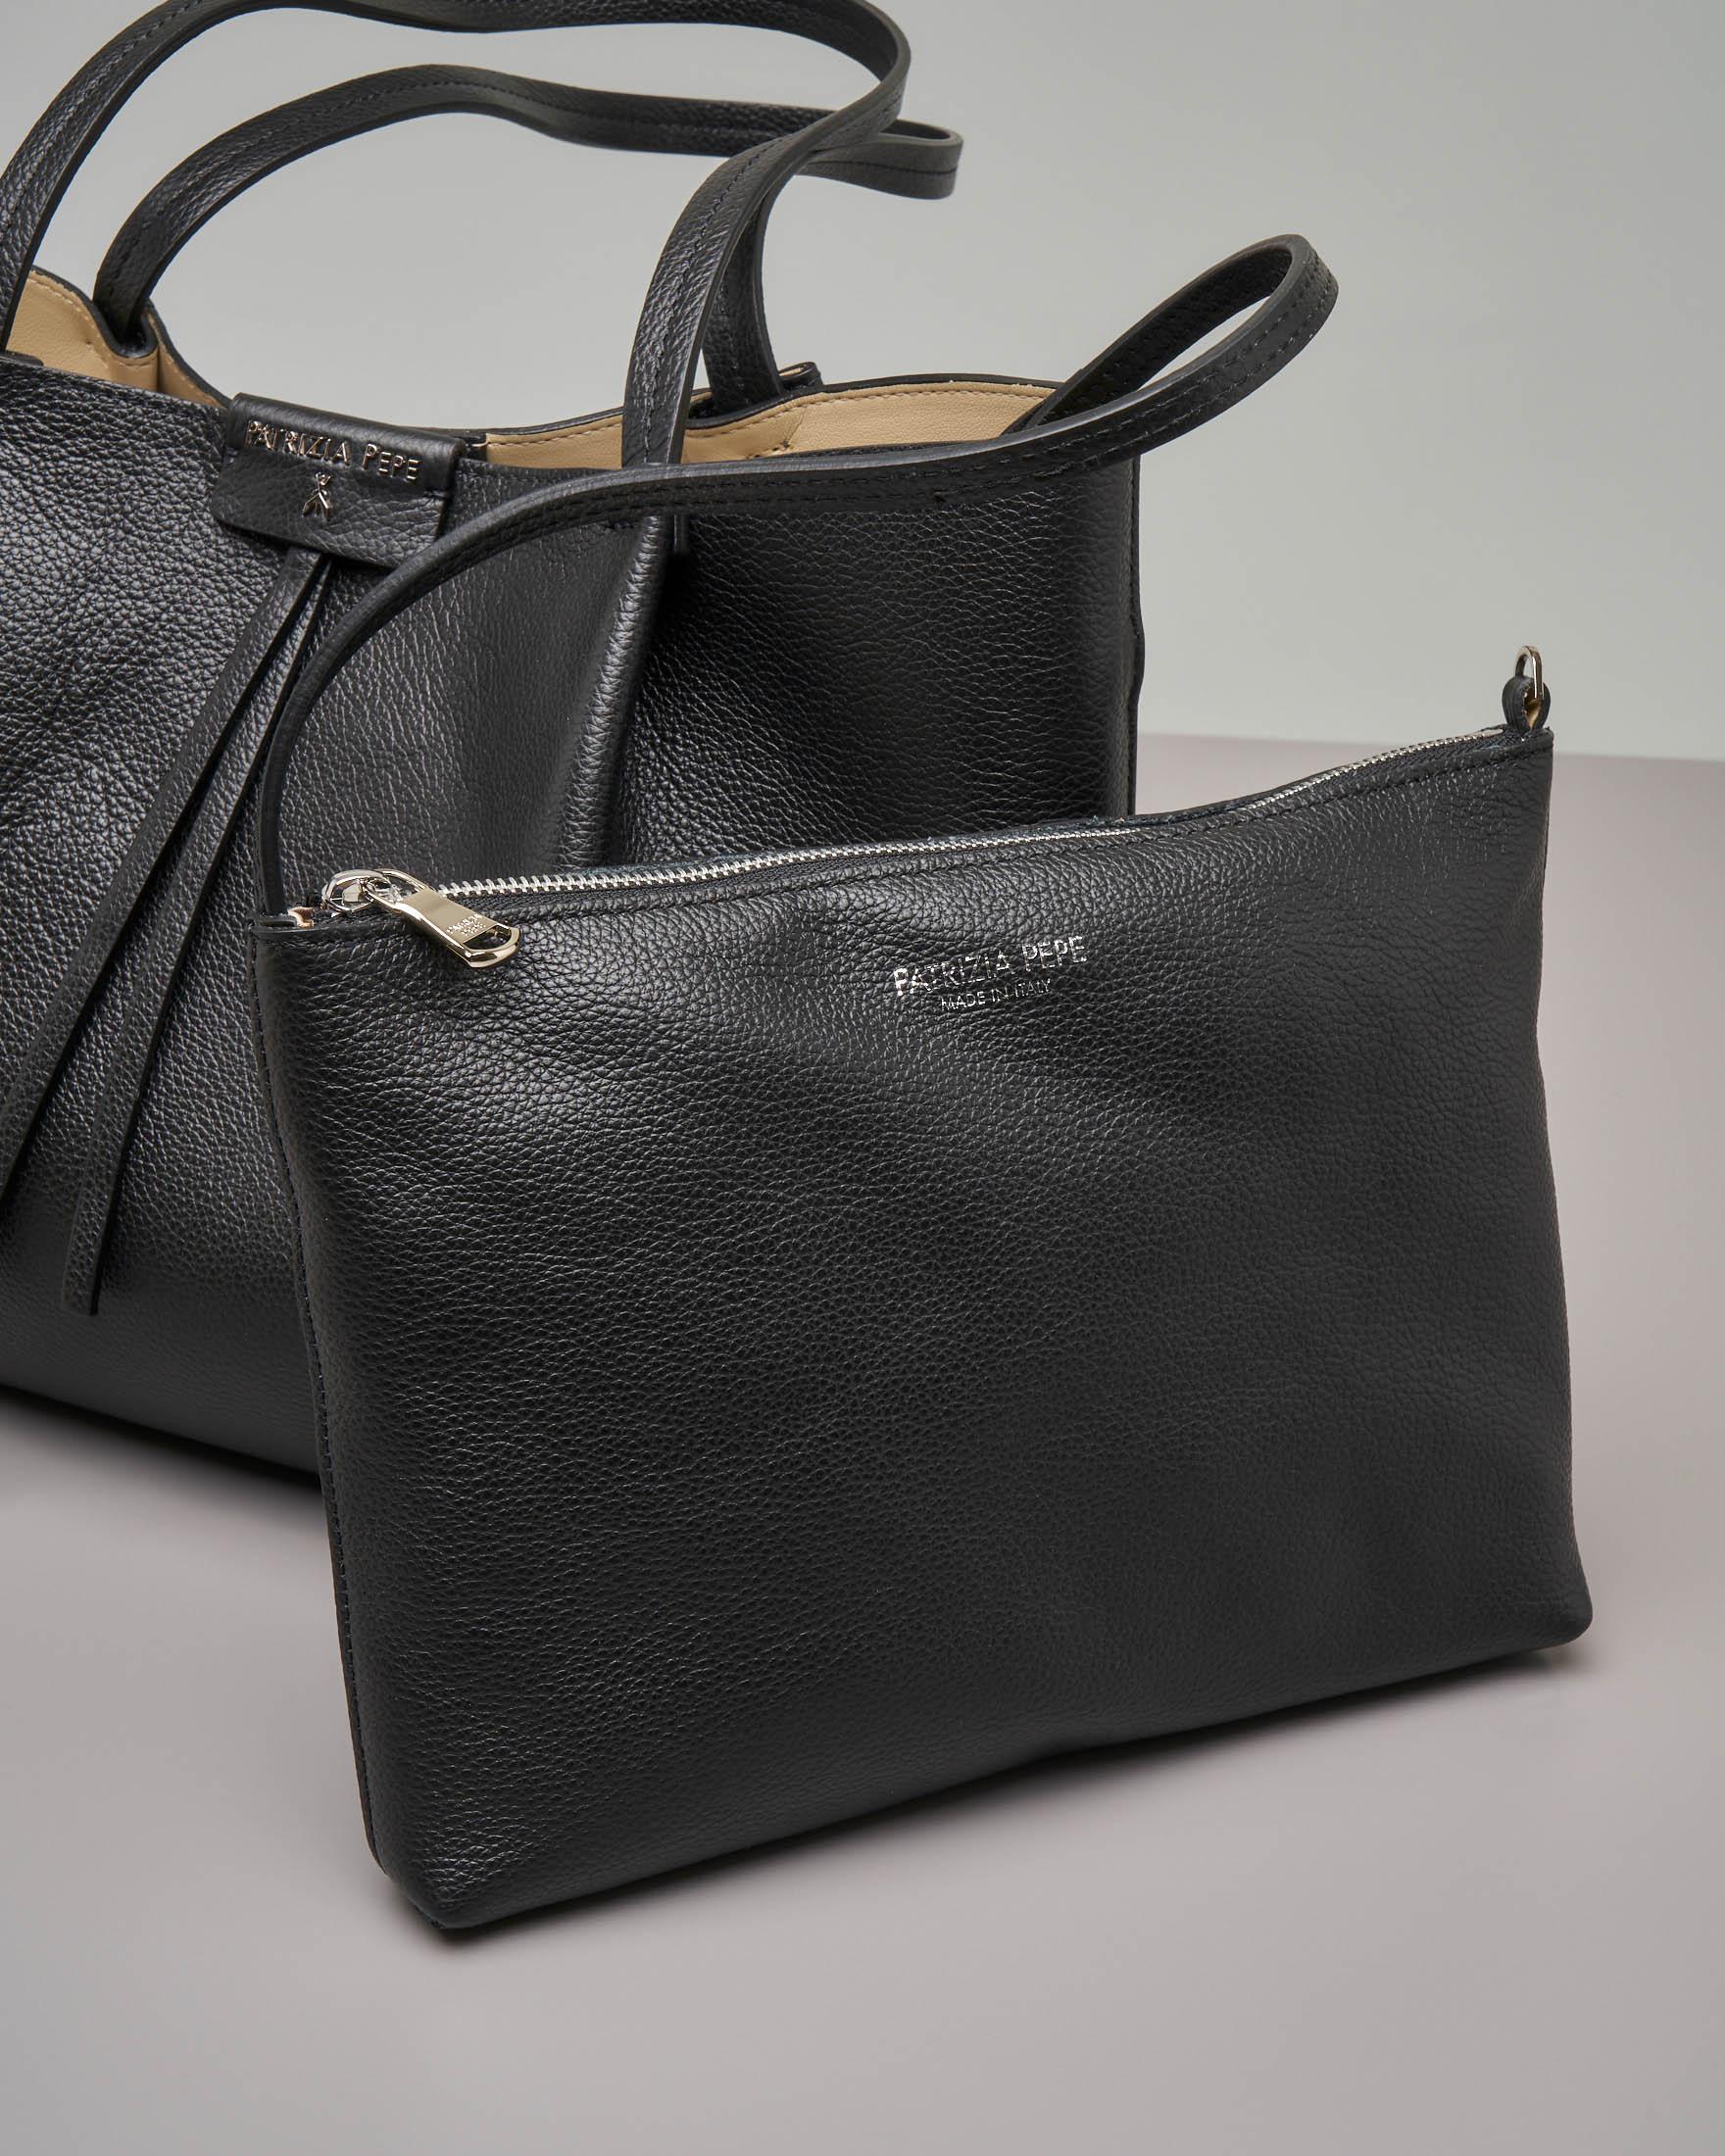 00532fd070 Shopping bag nera in pelle di vitello martellata con pochette interna ·  Patrizia Pepe